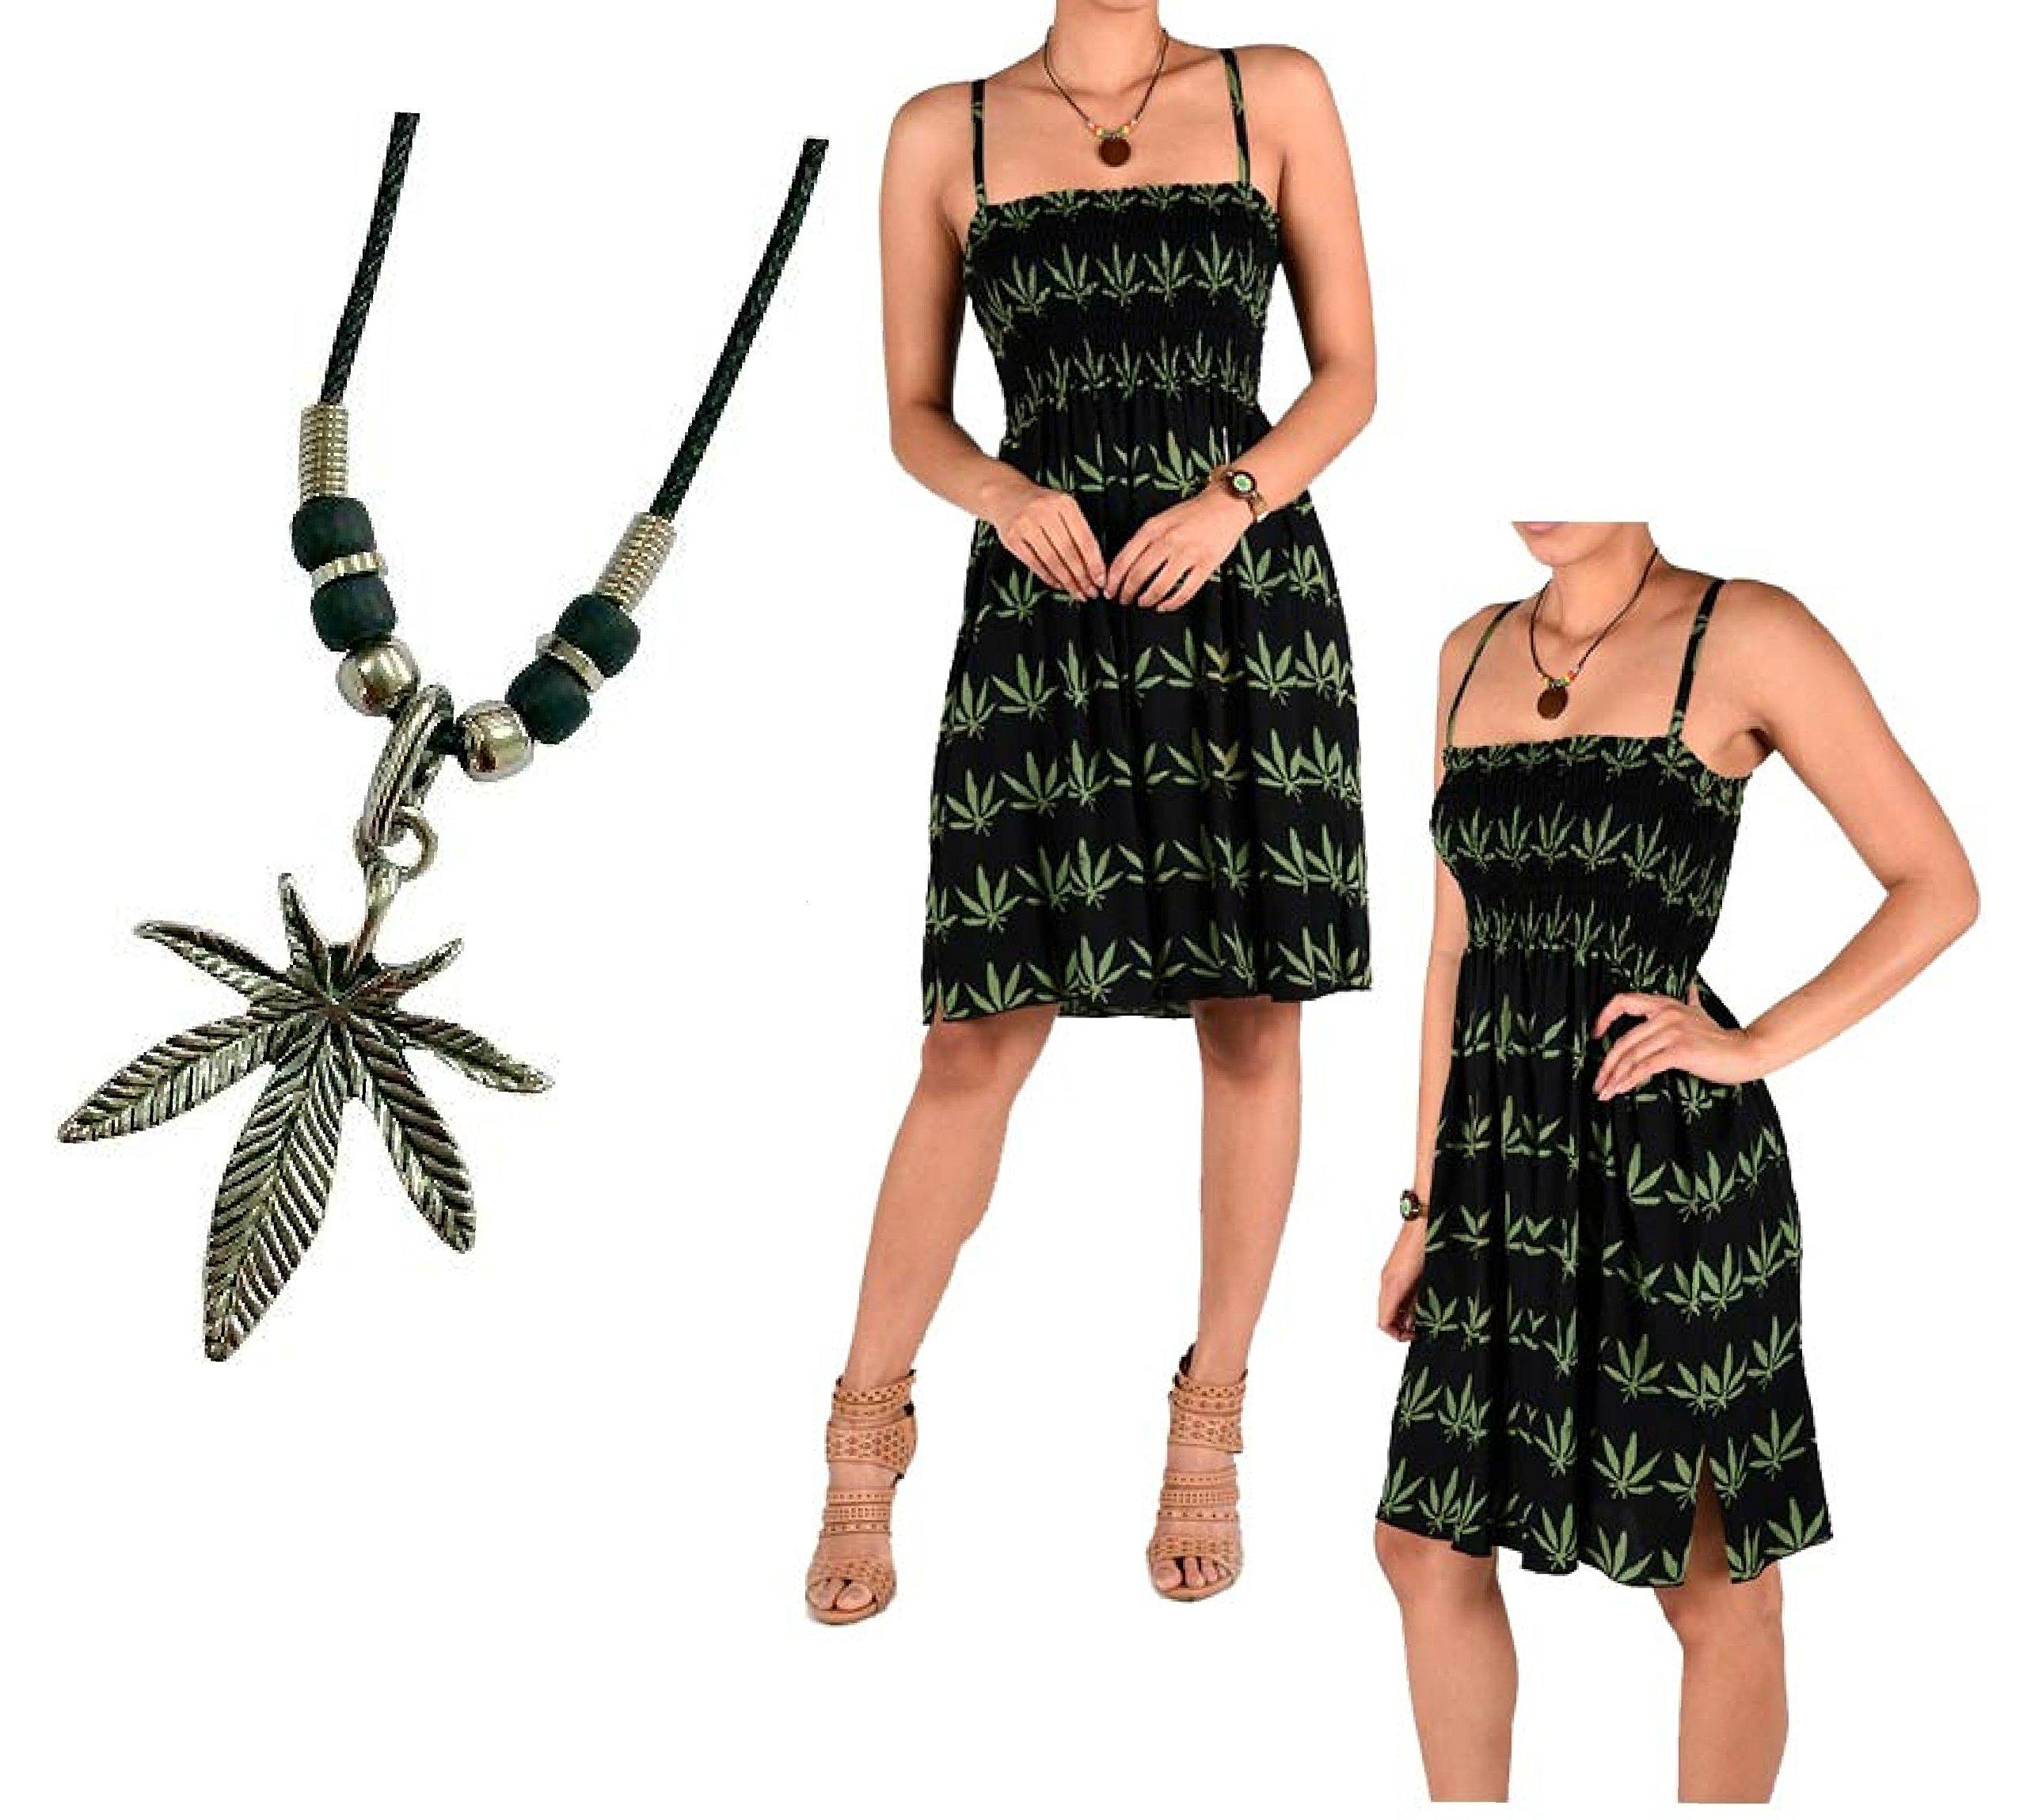 2 pcs Womens Marijuana Green Leaf Mini Skirt Dress Pot Leaves Weed Blunt Dress Size S, M, L, XL w/Cannabis Pendant Necklace